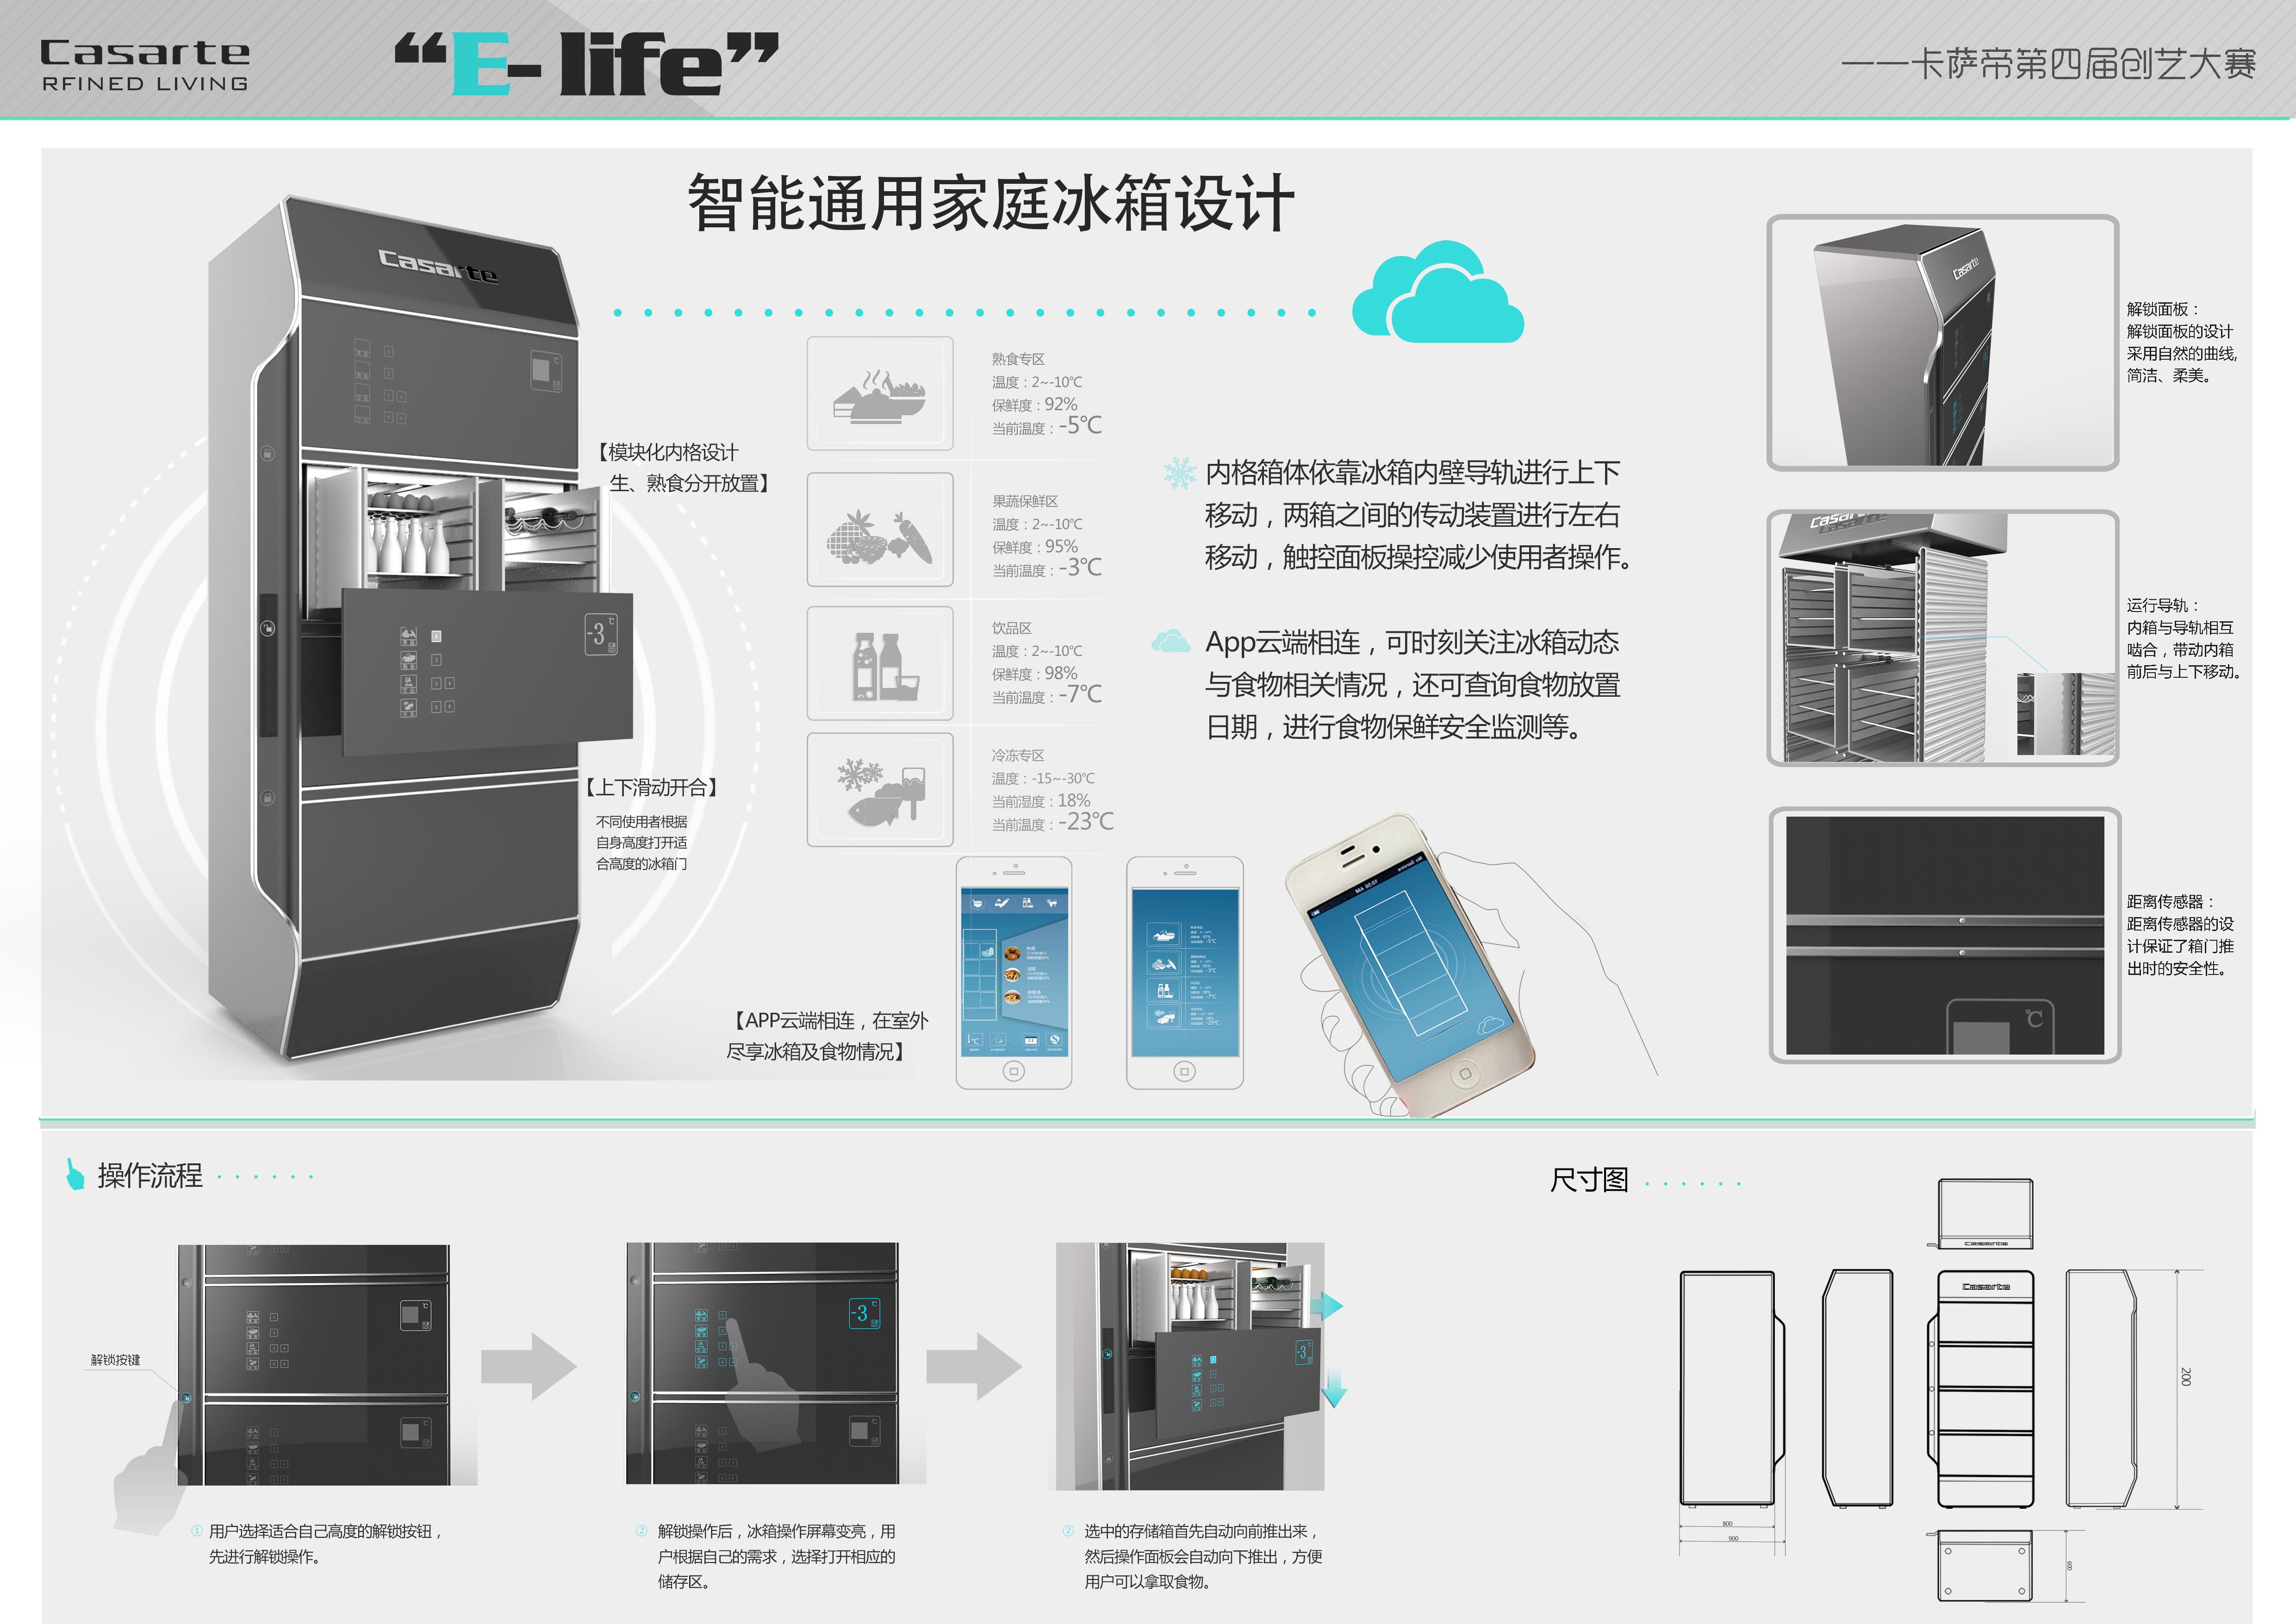 智能冰箱设计 工业/产品 生活用品 设计初学生 - 原创图片